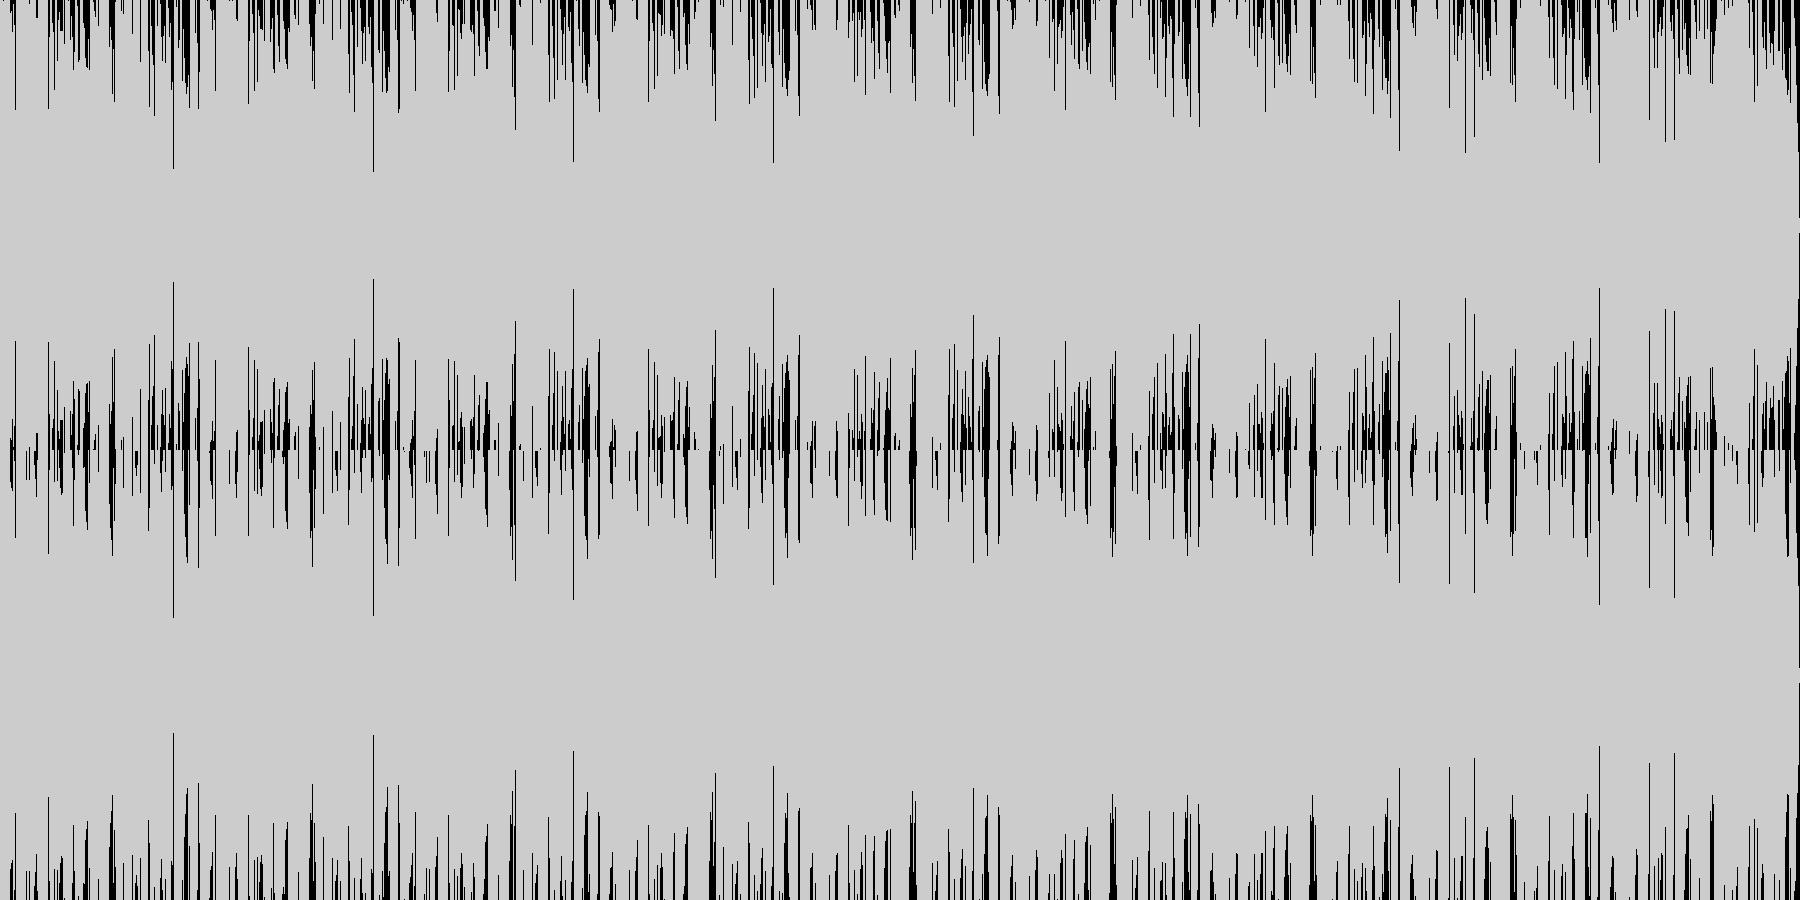 薄暗く怪しい雰囲気のループ系ジャズの未再生の波形